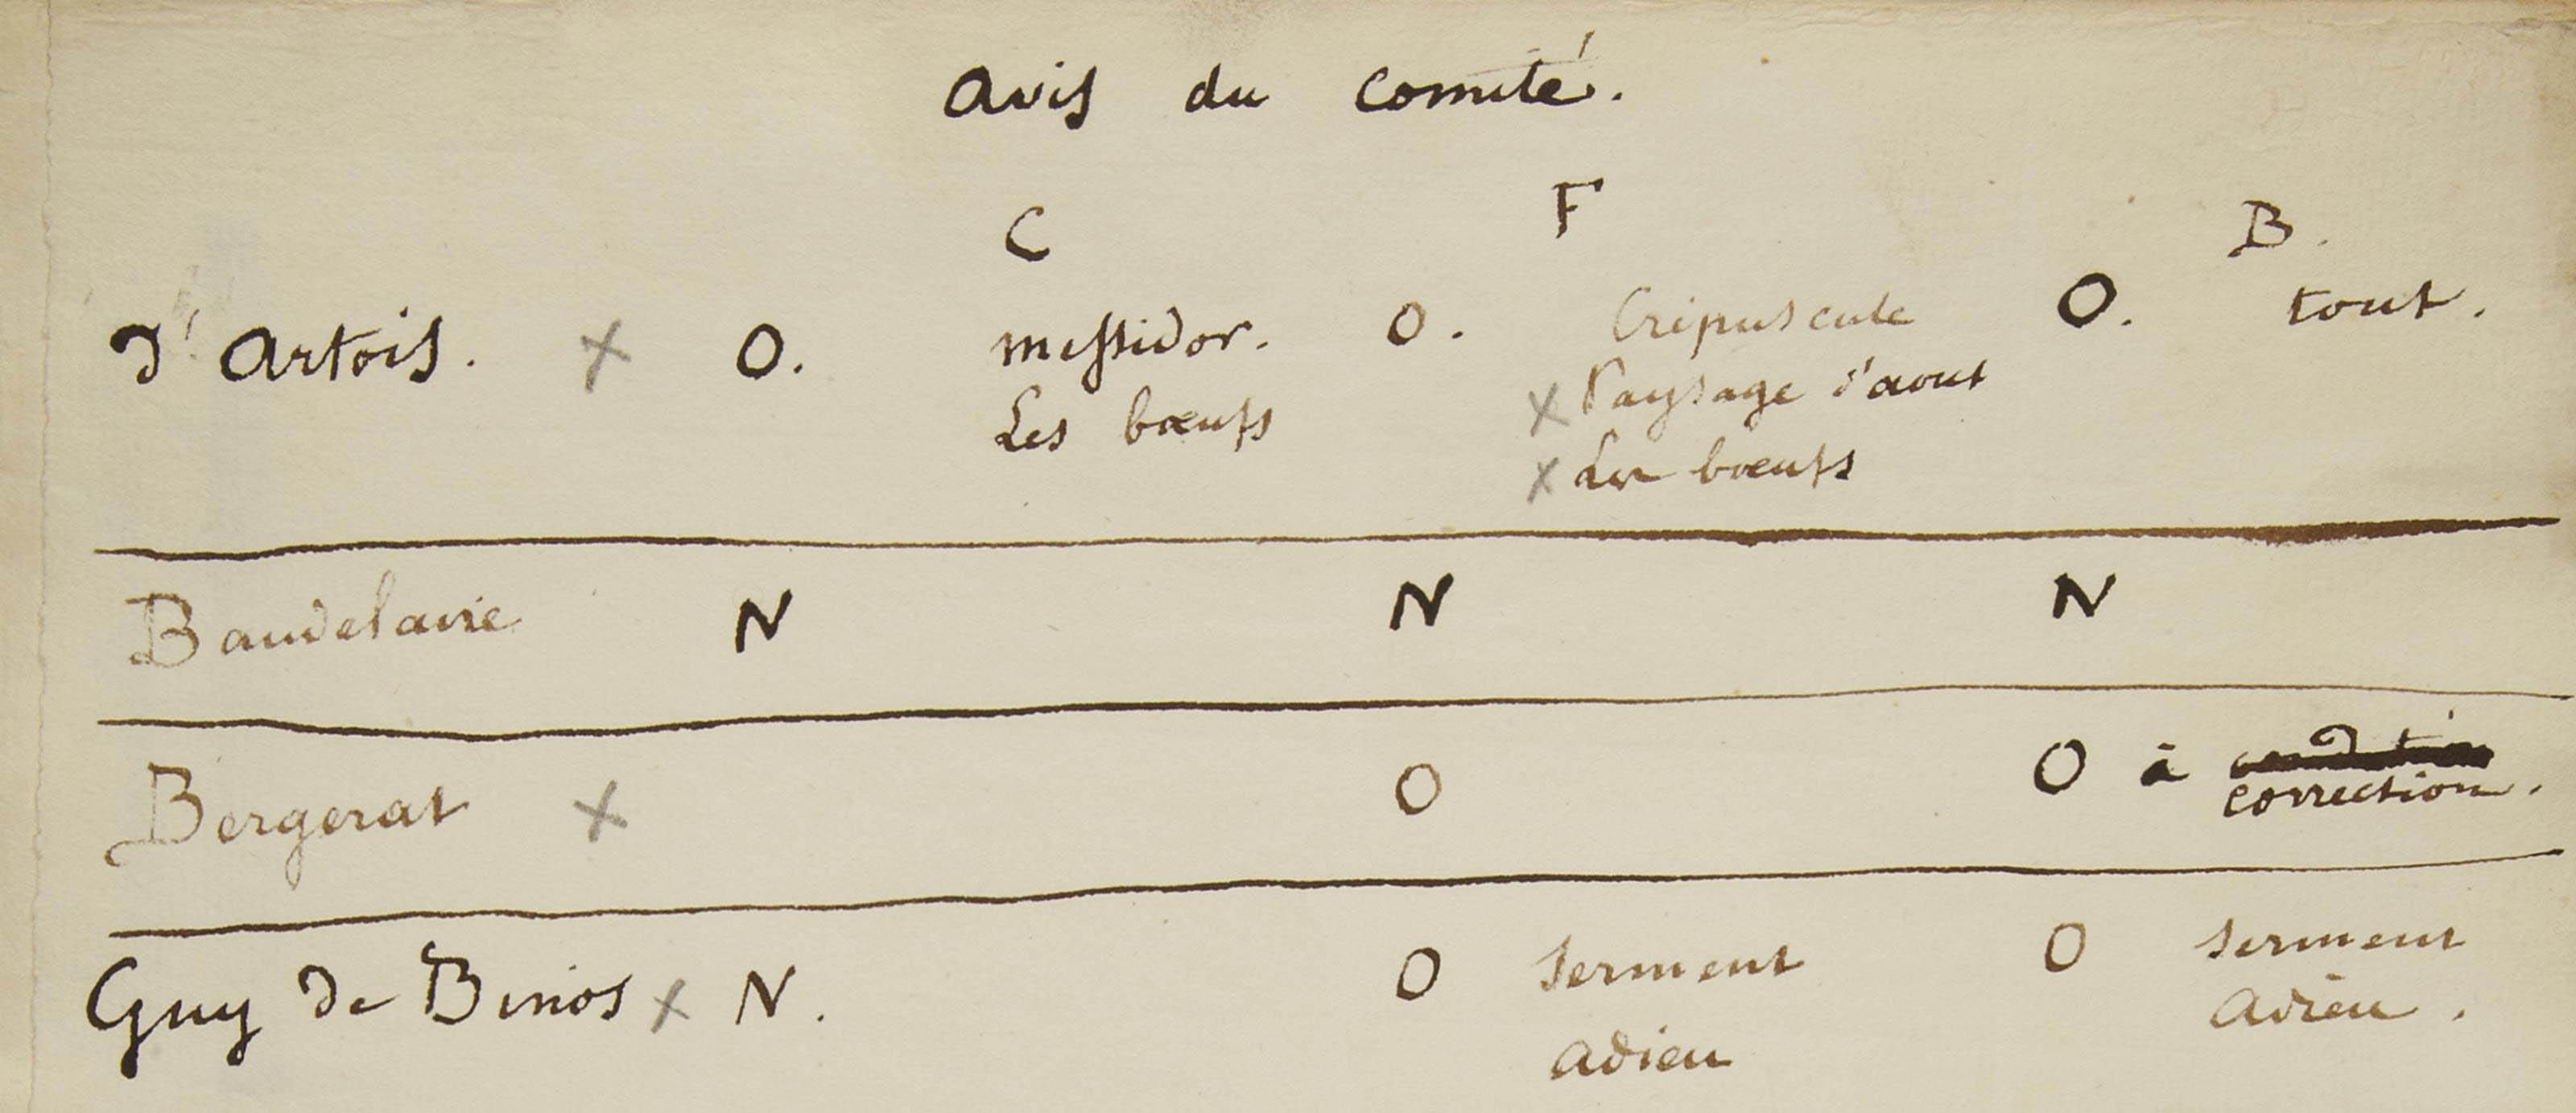 [BAUDELAIRE] -- BANVILLE, Théodore de (1823-1891), Anatole FRANCE (1844-1924) & François COPPÉE (1842-1908). Parnasse Contemporain (titre au dos de la reliure). Réunion de 3 listes autographes des trois écrivains avec appréciations pour chacun des poètes et écrivains à retenir ou à écarter pour le troisième volume du Parnasse contemporain, revue littéraire dont les deux premiers volumes furent publiés en 1866 et 1871. In-4, demi-maroquin rouge signé Noulhac. Provenance: Pierre Leroy (vente à Paris le 27 juin 2007, lot 43).